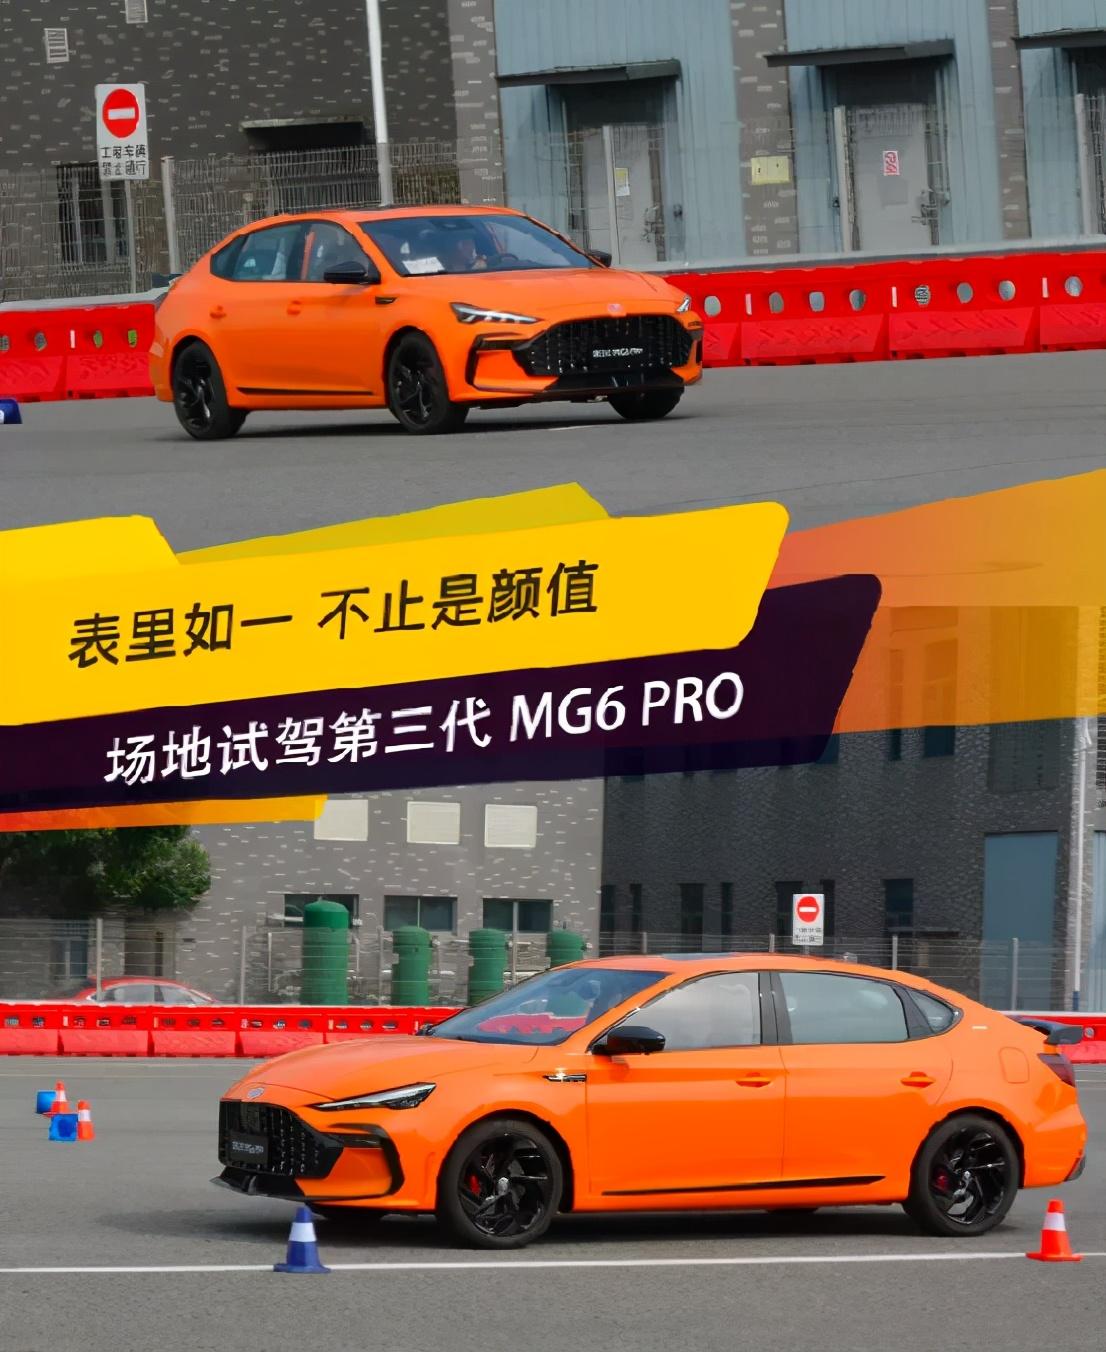 表里如一 不止颜值 场地试驾第三代MG6 PRO